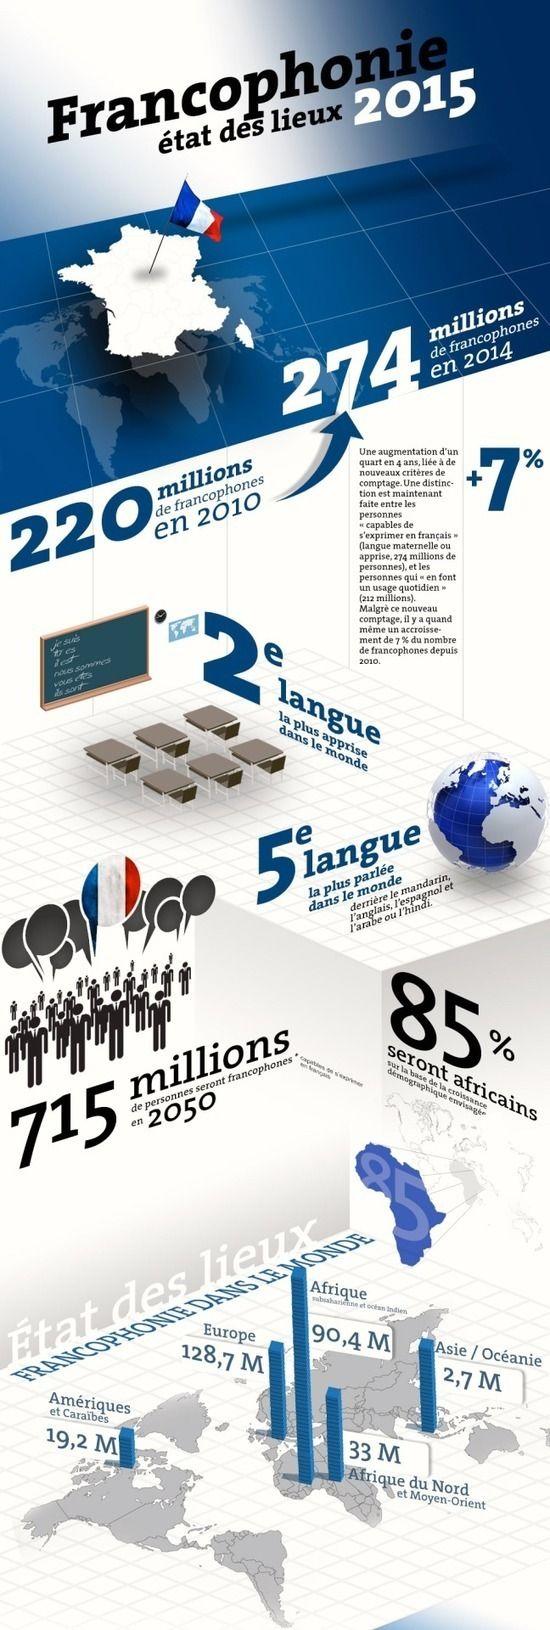 La francophonie, état des lieux 2015